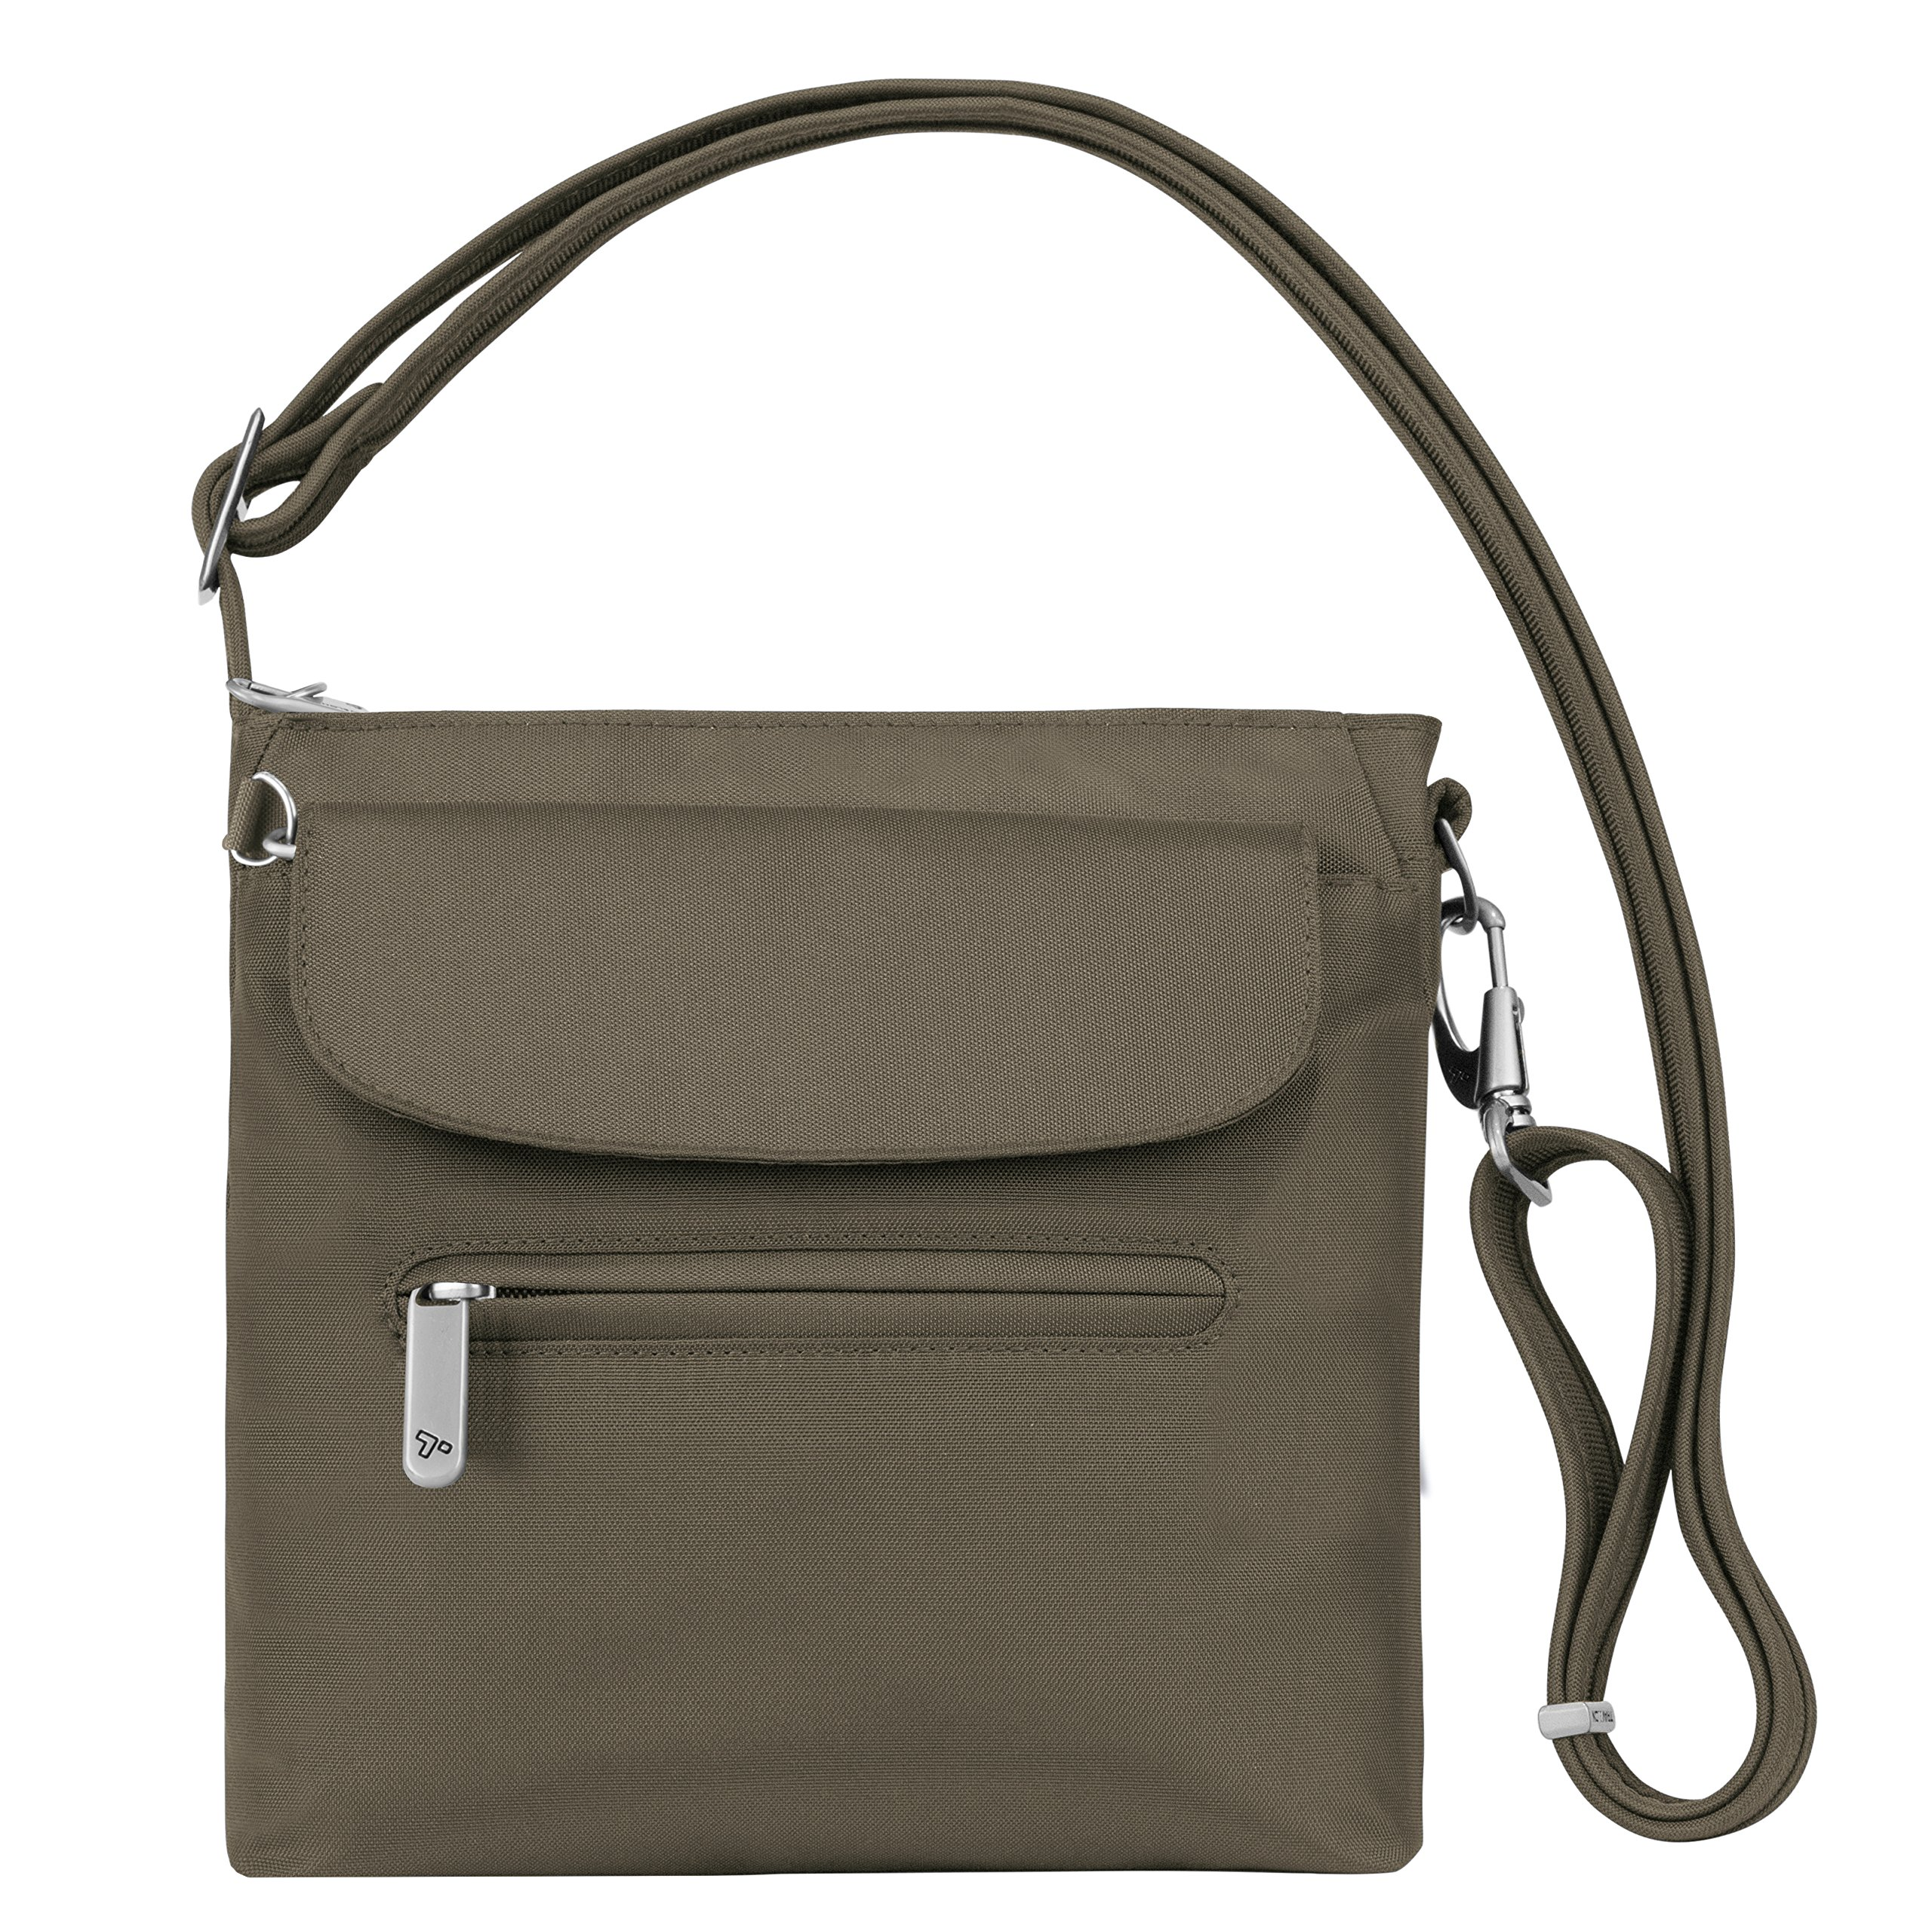 Travelon Women's Anti-theft Classic Mini Shoulder Bag Sling Tote, Nutmeg